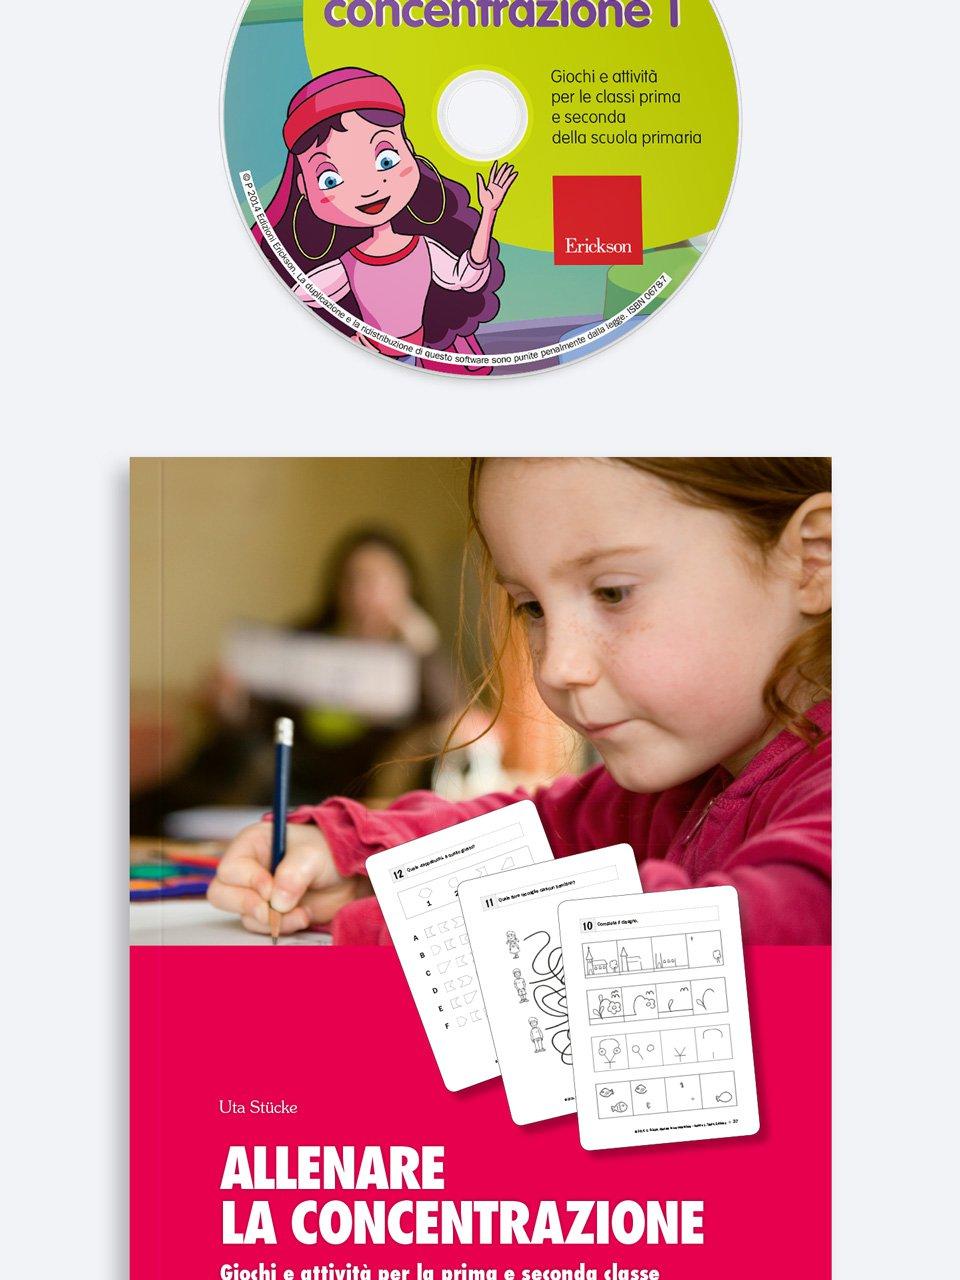 Allenare la concentrazione - Volume 1 - Allenare la concentrazione - Volume 2 - Libri - App e software - Erickson 2